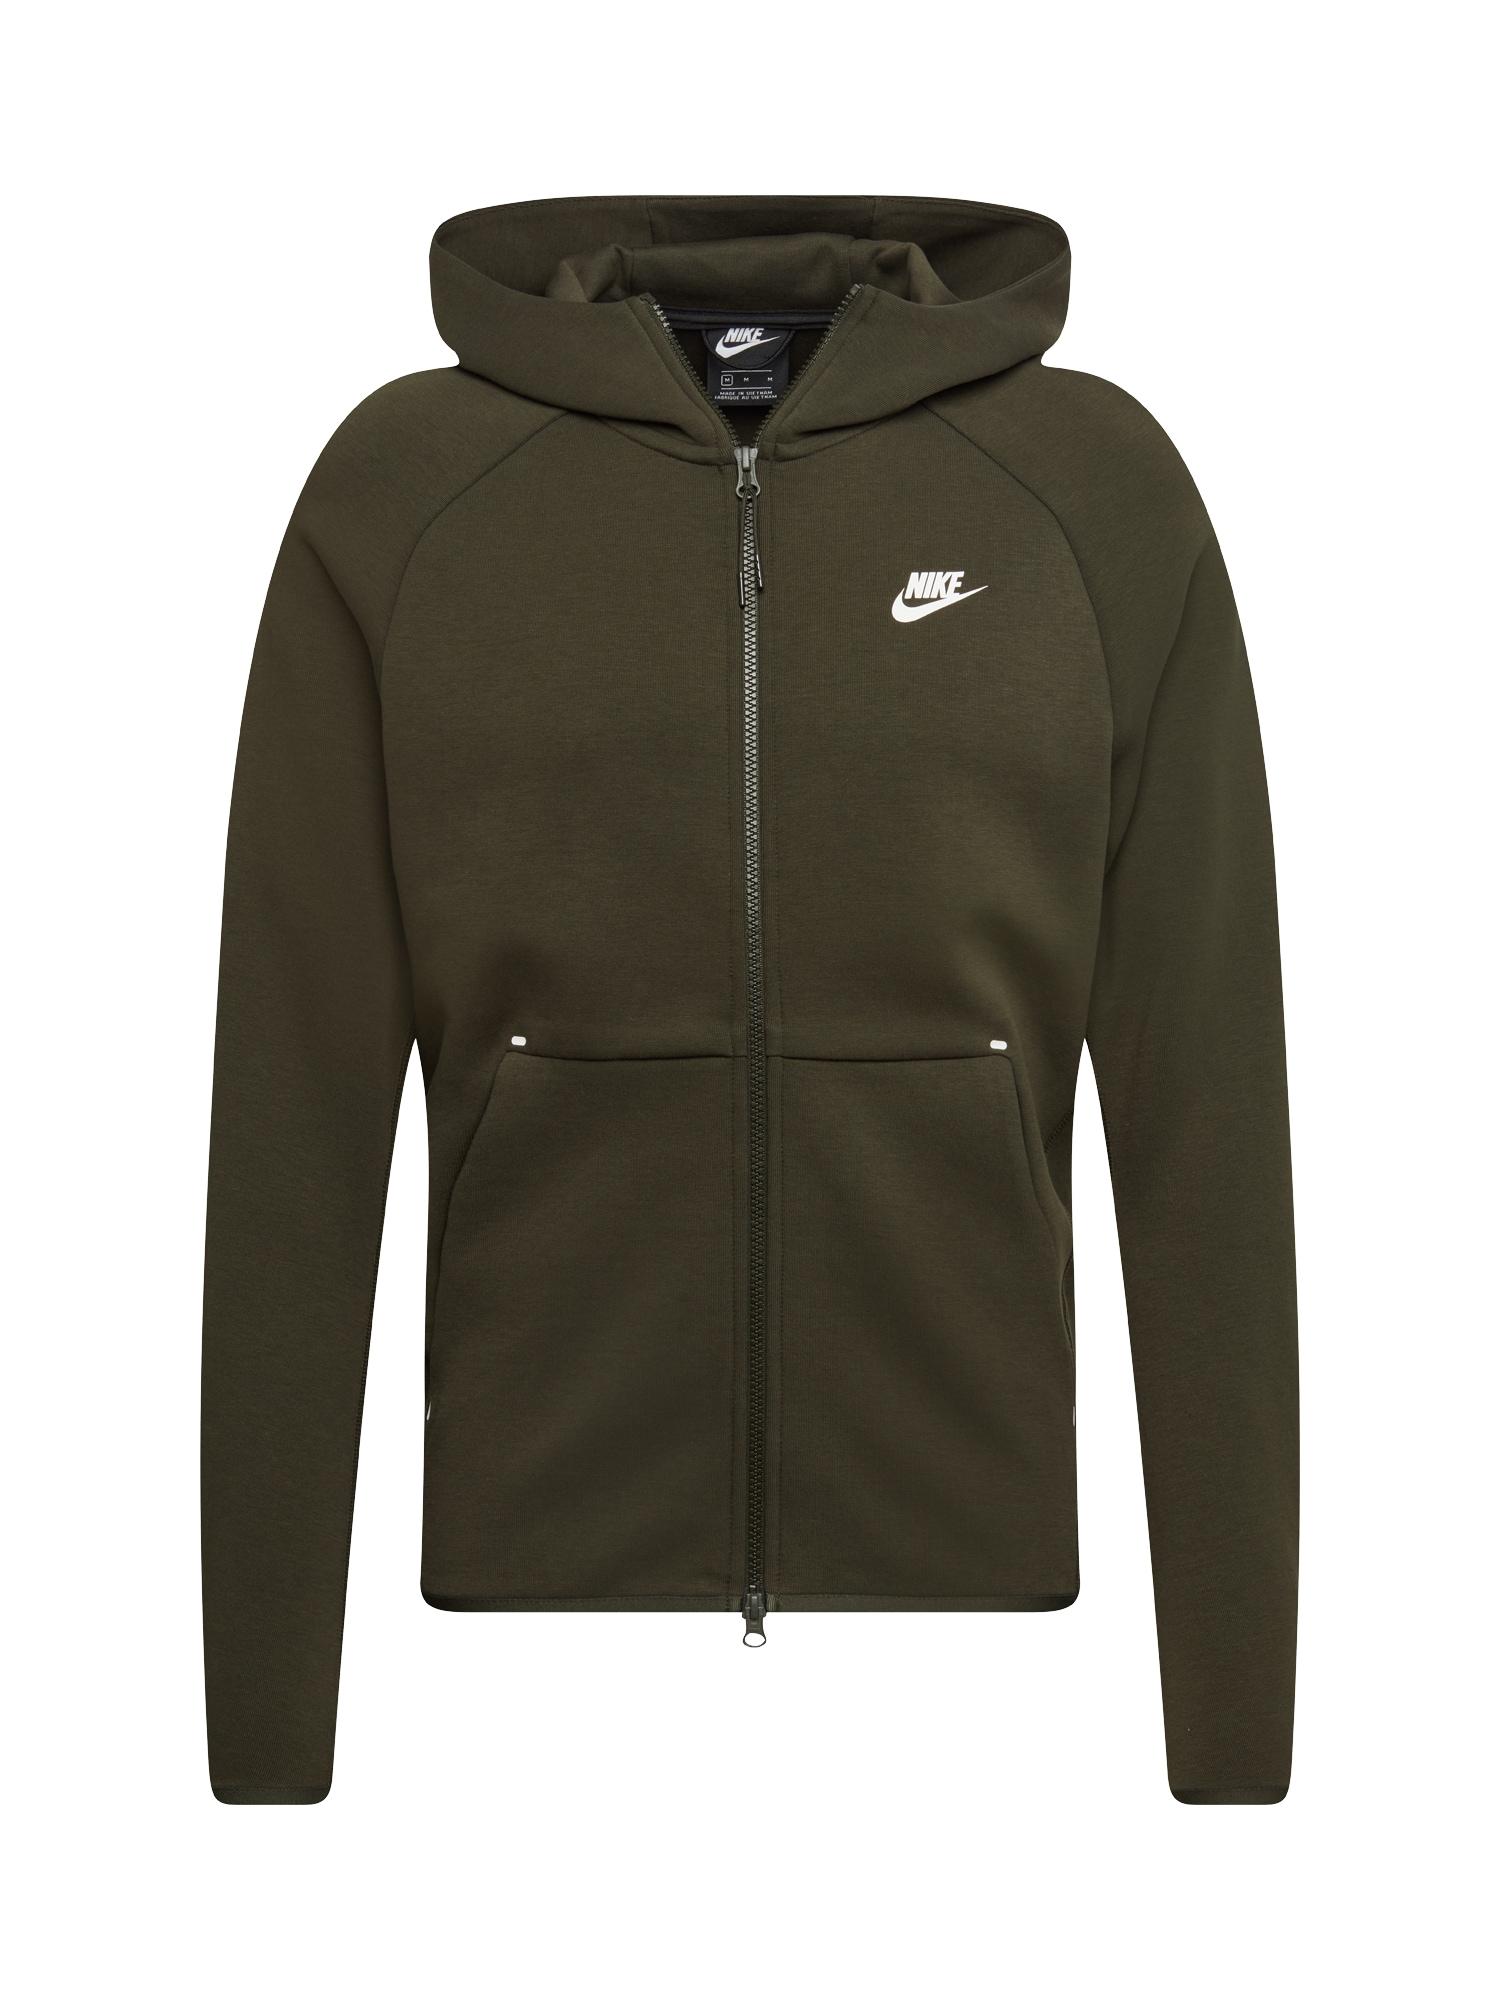 Mikina s kapucí tmavě šedá Nike Sportswear